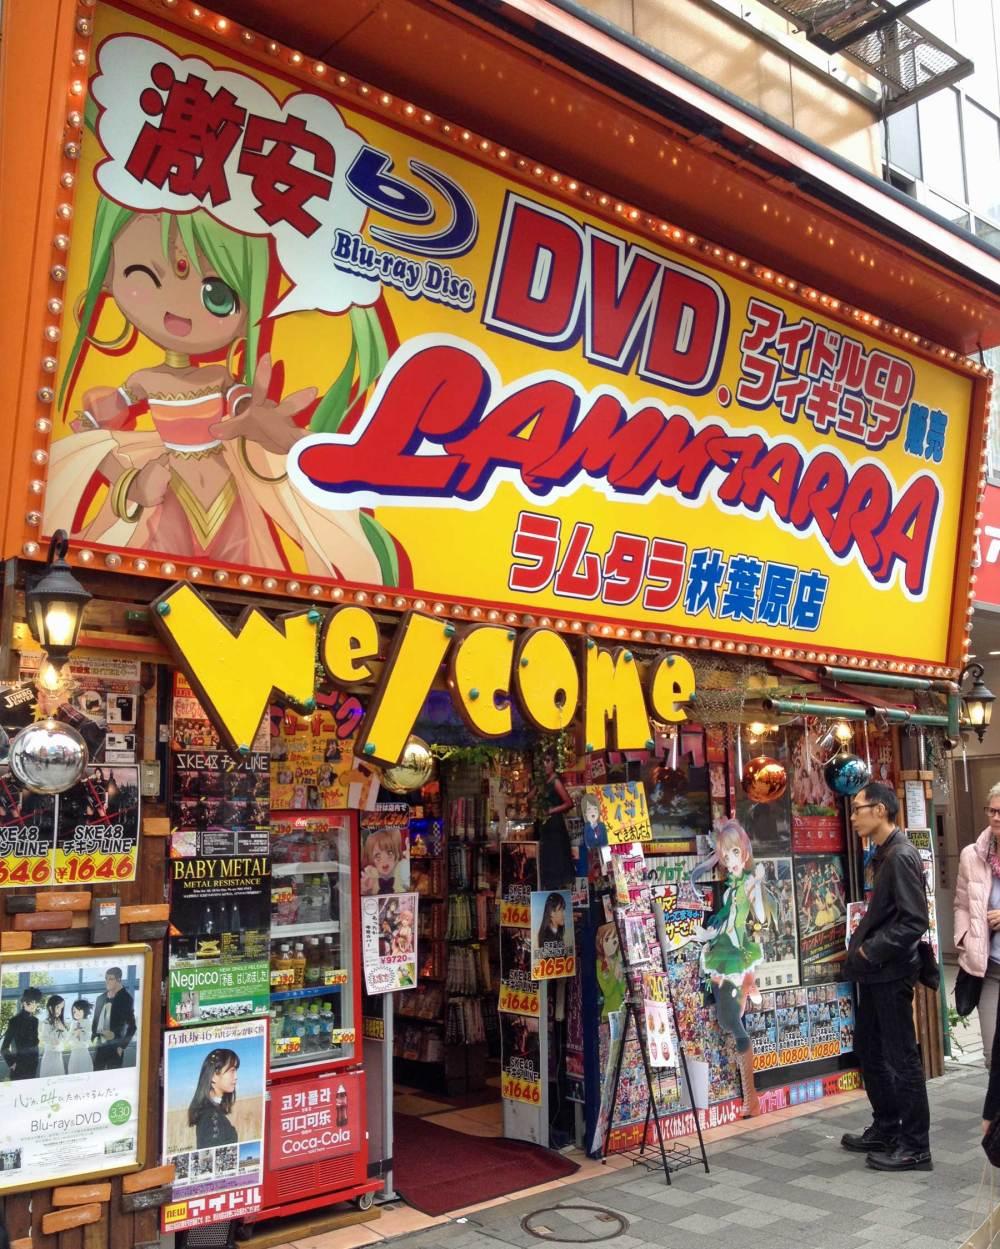 DVD-Laden im Viertel Akihabara in Tokyo